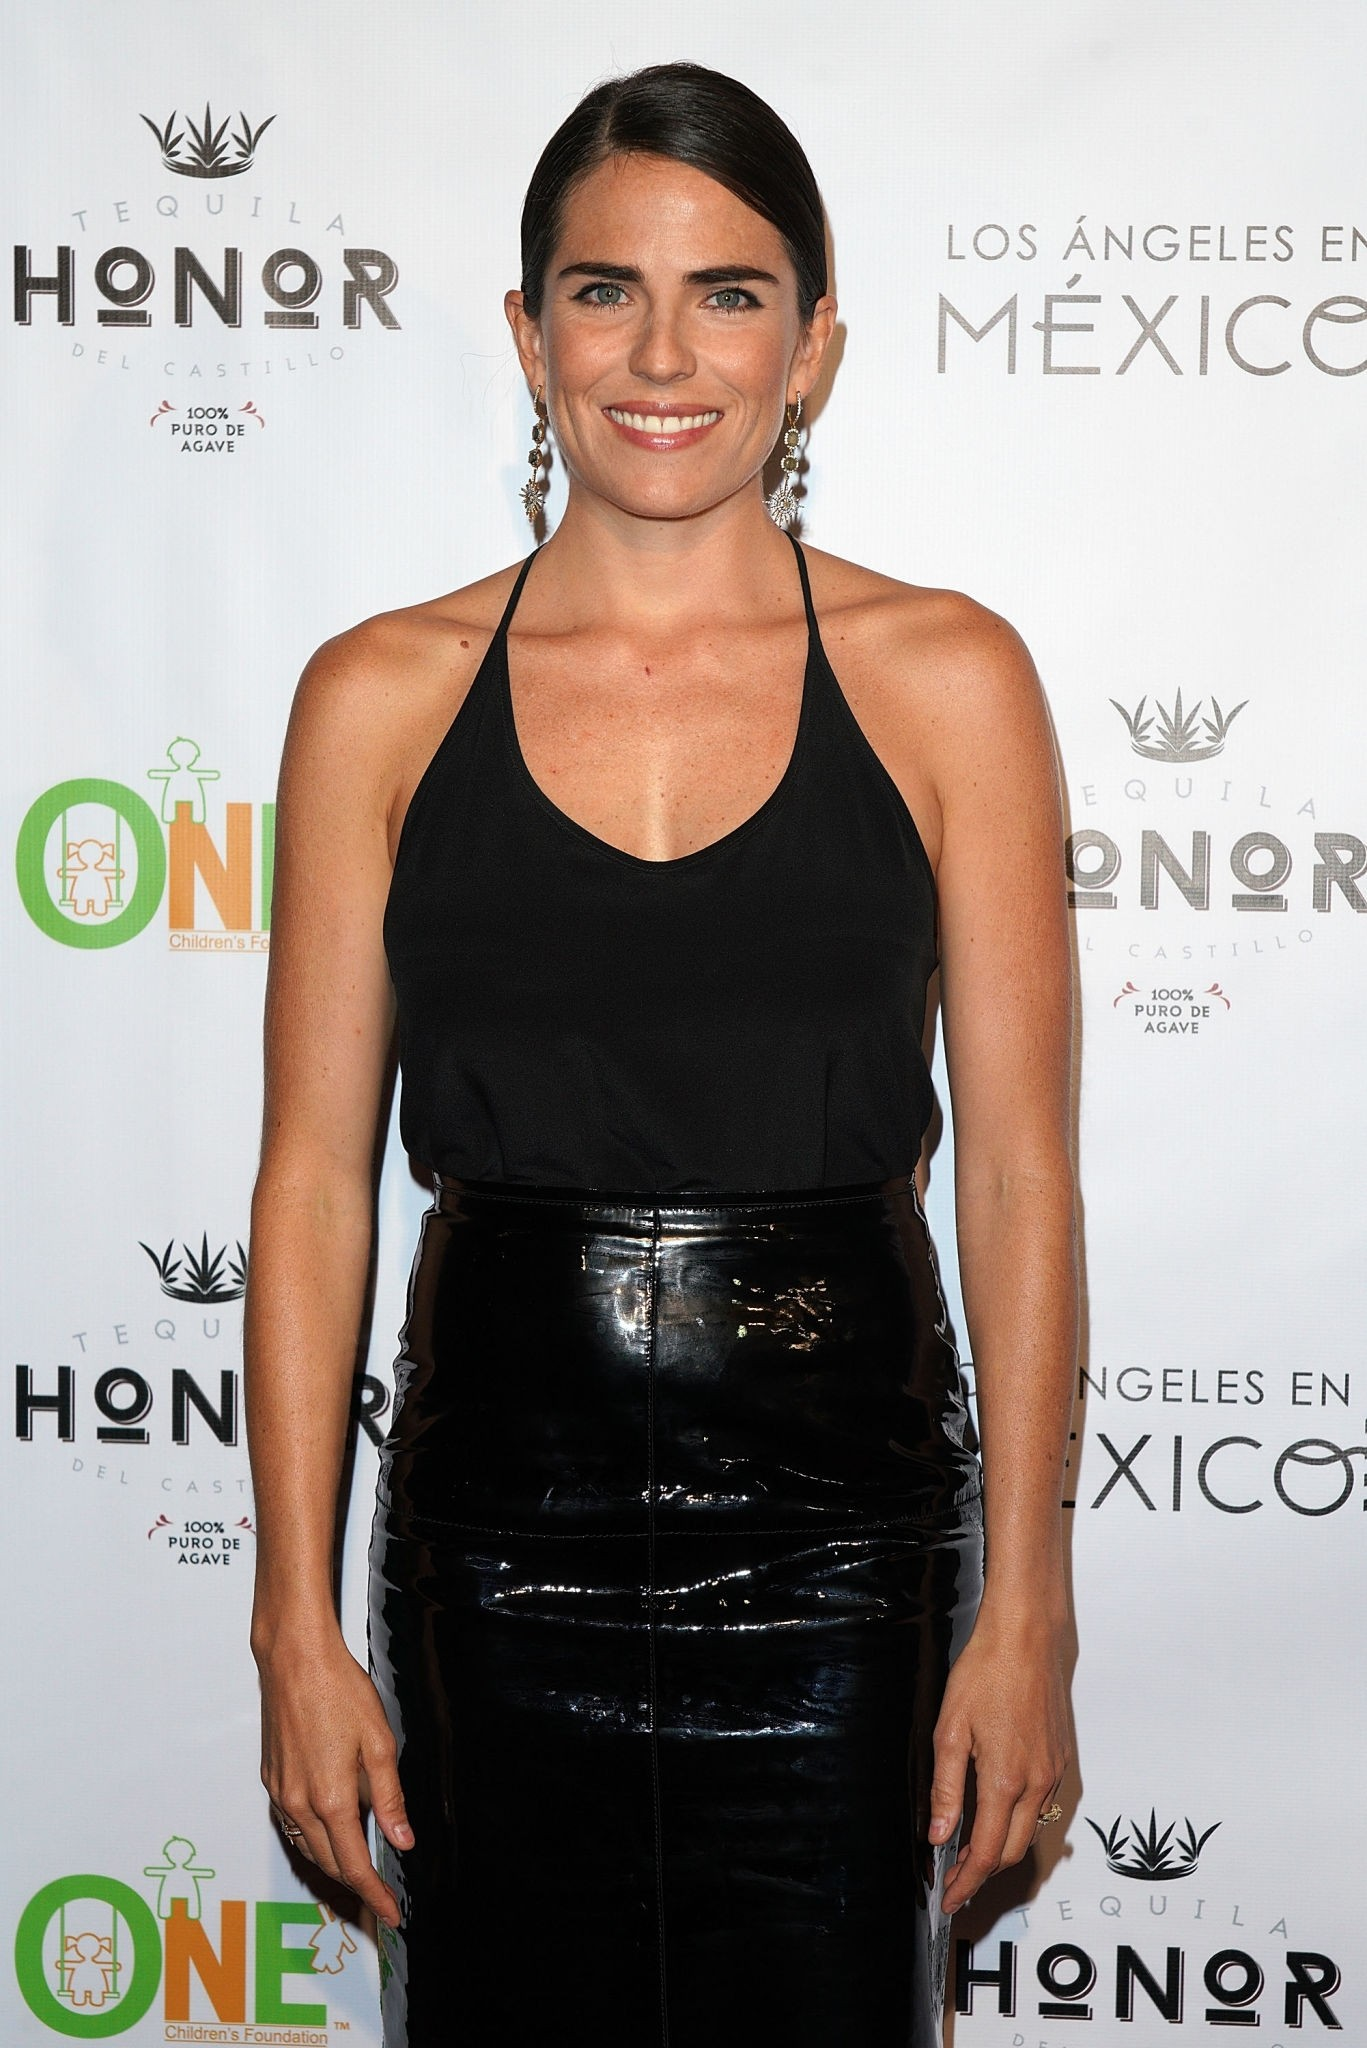 Karla Souza attends Los Angeles En Mexico